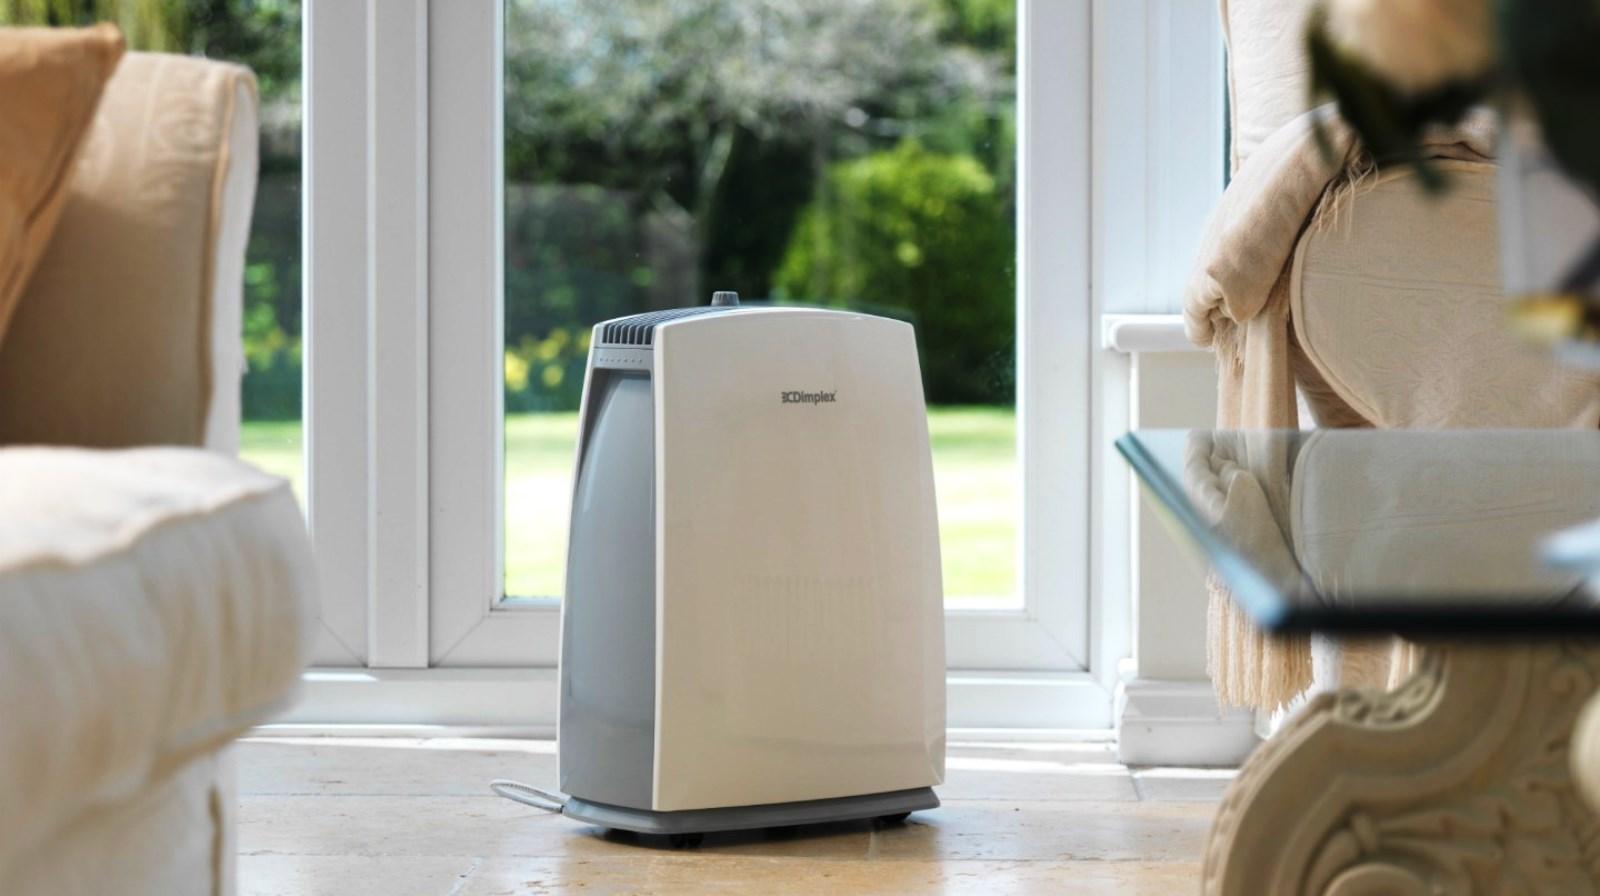 Осушитель воздуха, как скоро вы узнаете, прочитав этот материал, весьма полезное оборудование для всякого дома, где заботятся о здоровье и комфорте.